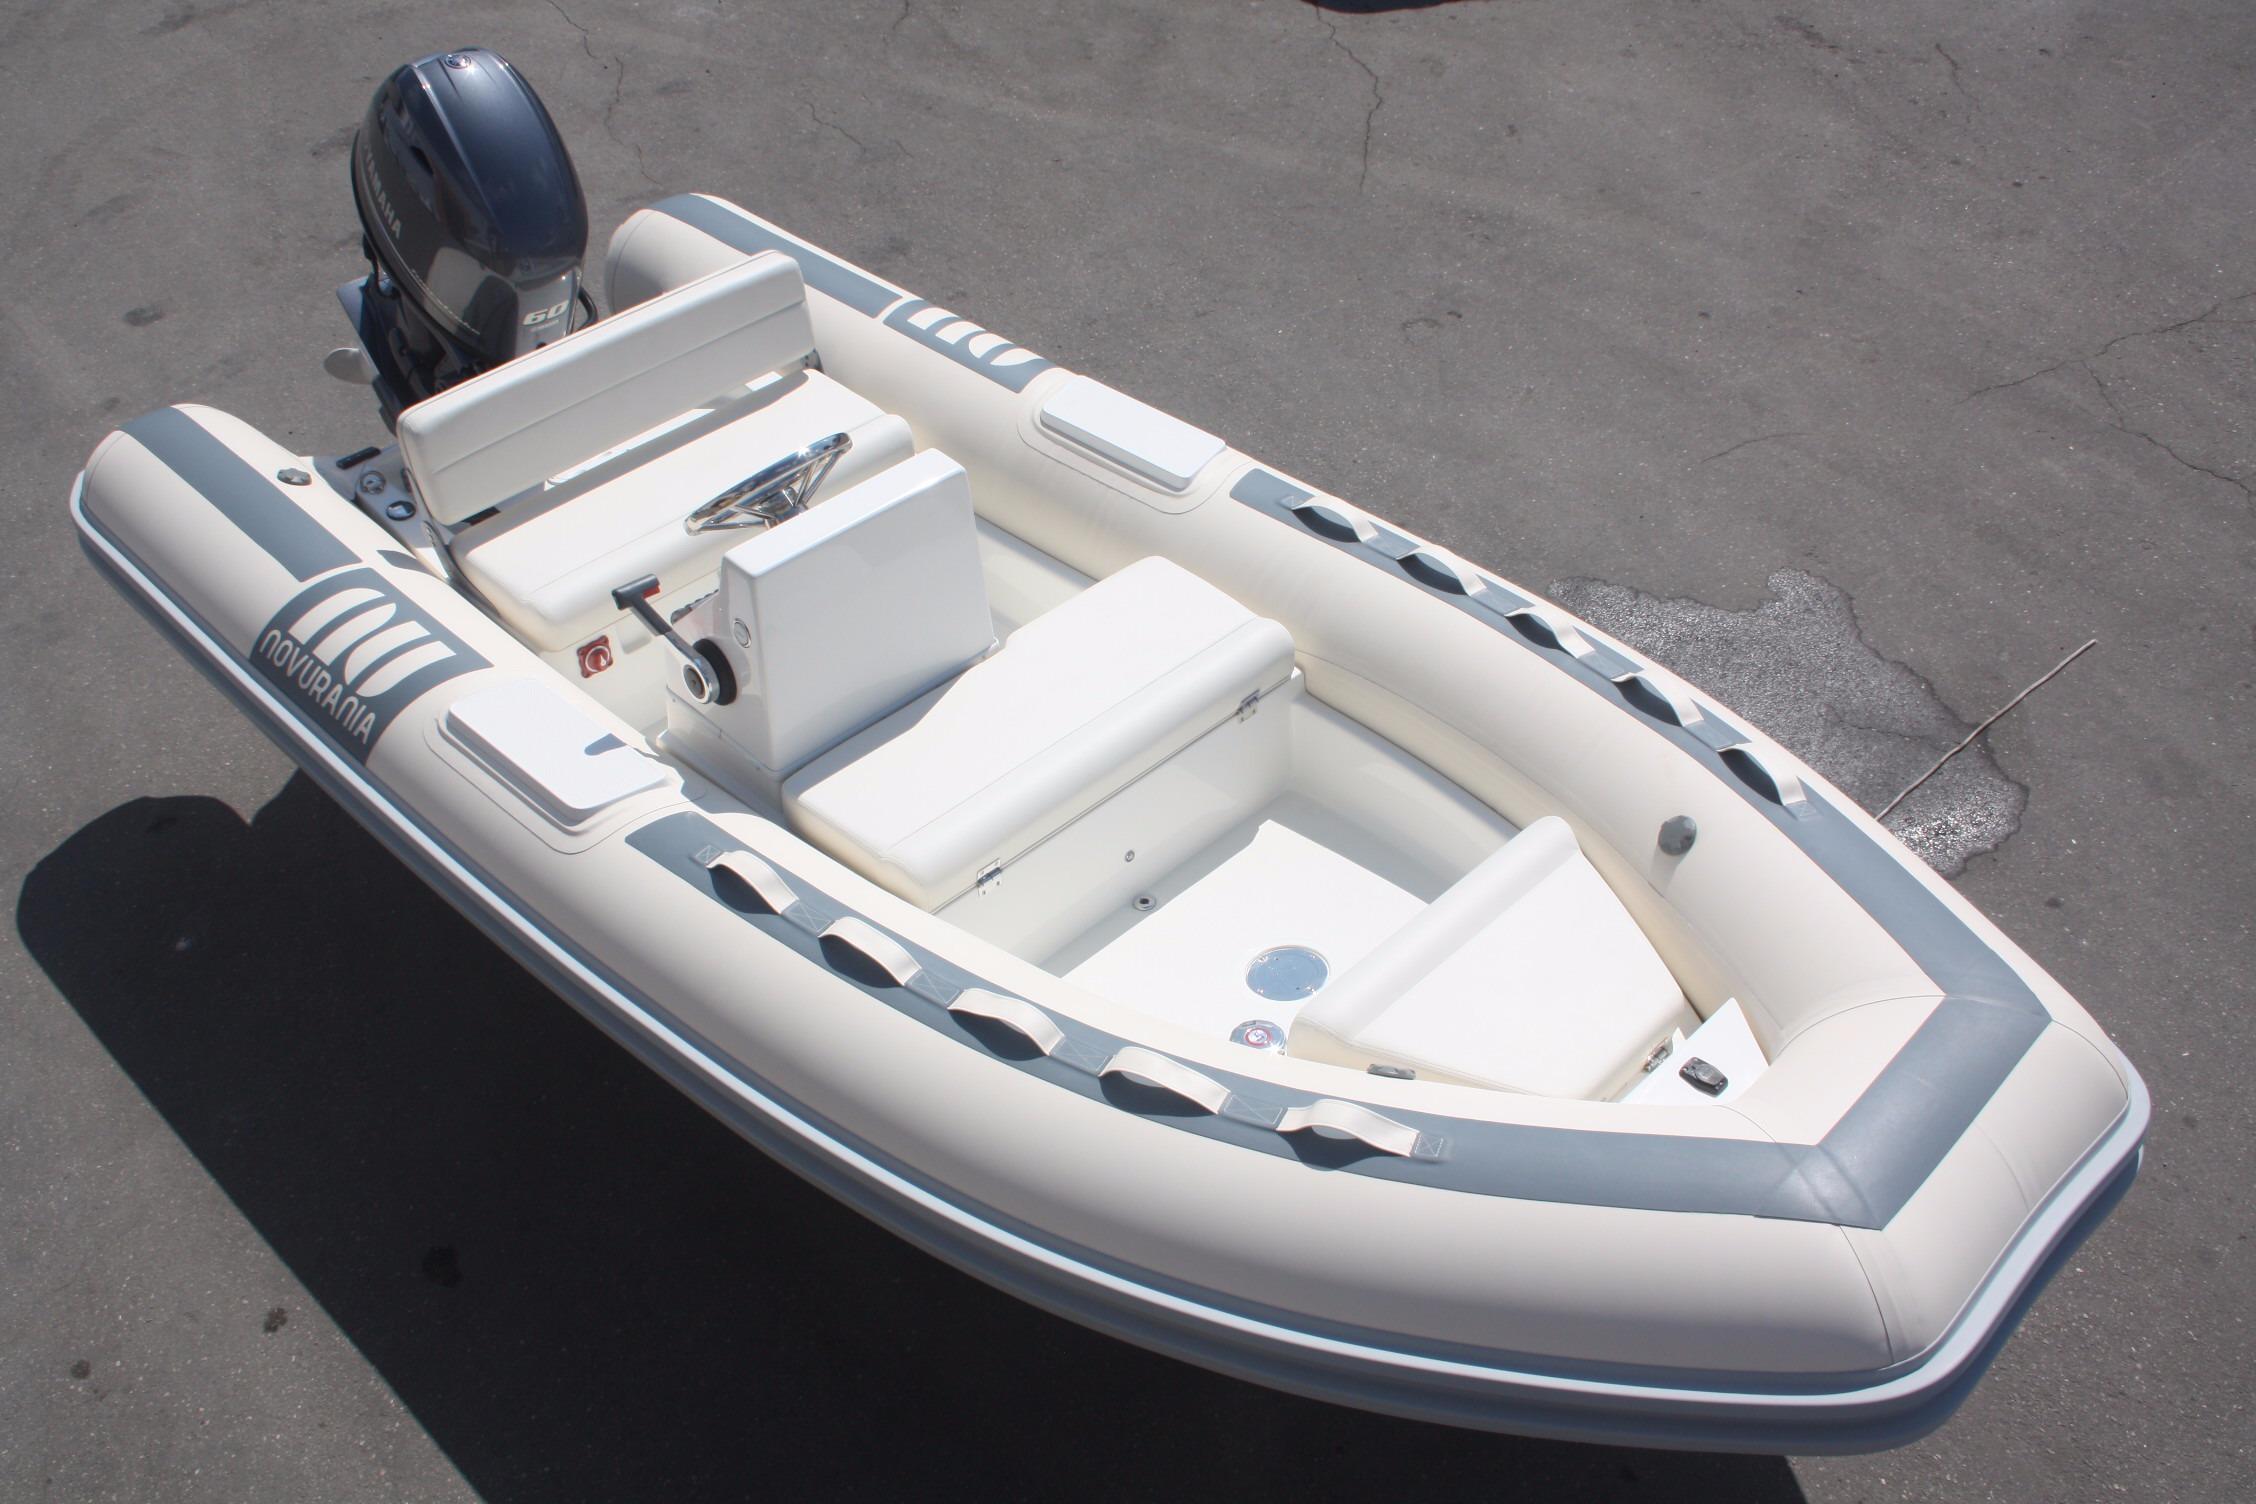 2018 Novurania 430 DL, Palm Beach Florida - boats.com